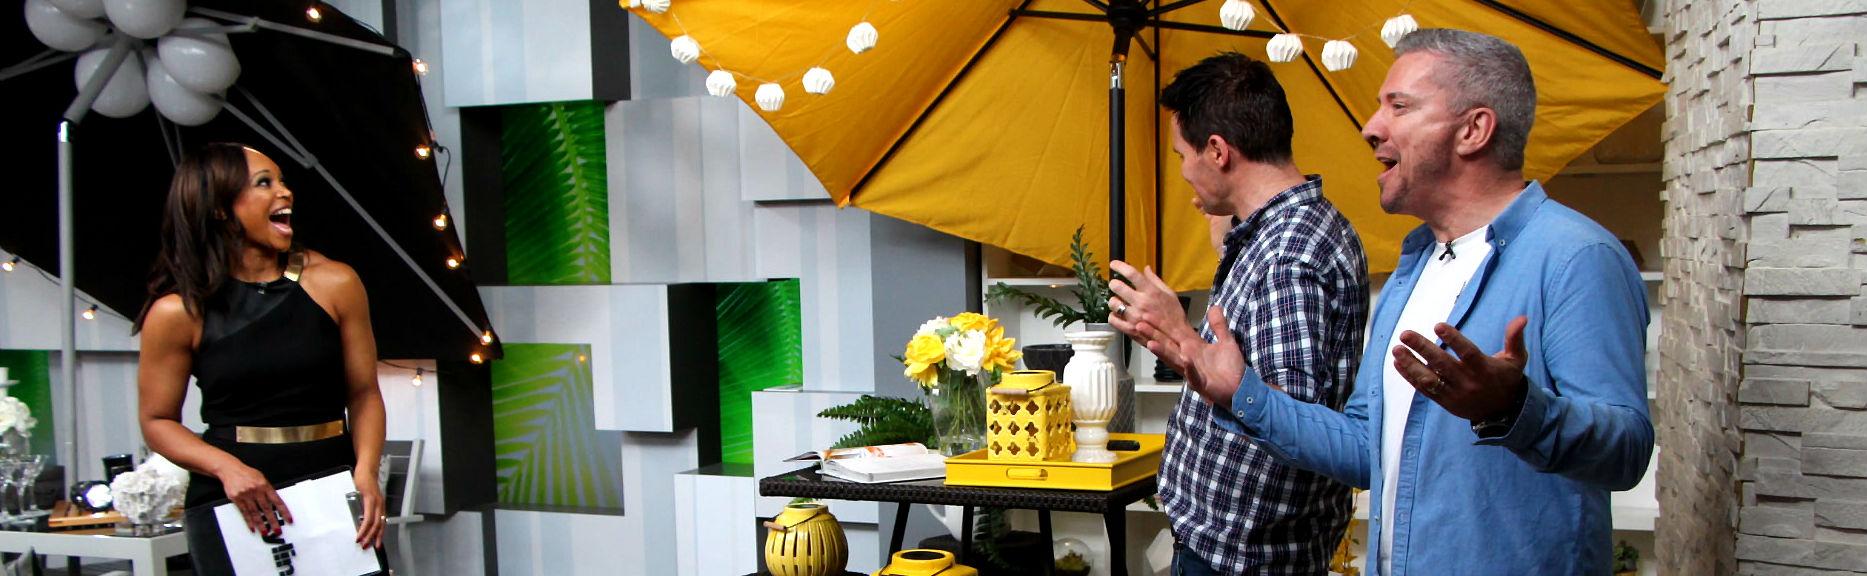 Nett Amerikanische Testküche Tv Show Rezepte Galerie - Ideen Für Die ...